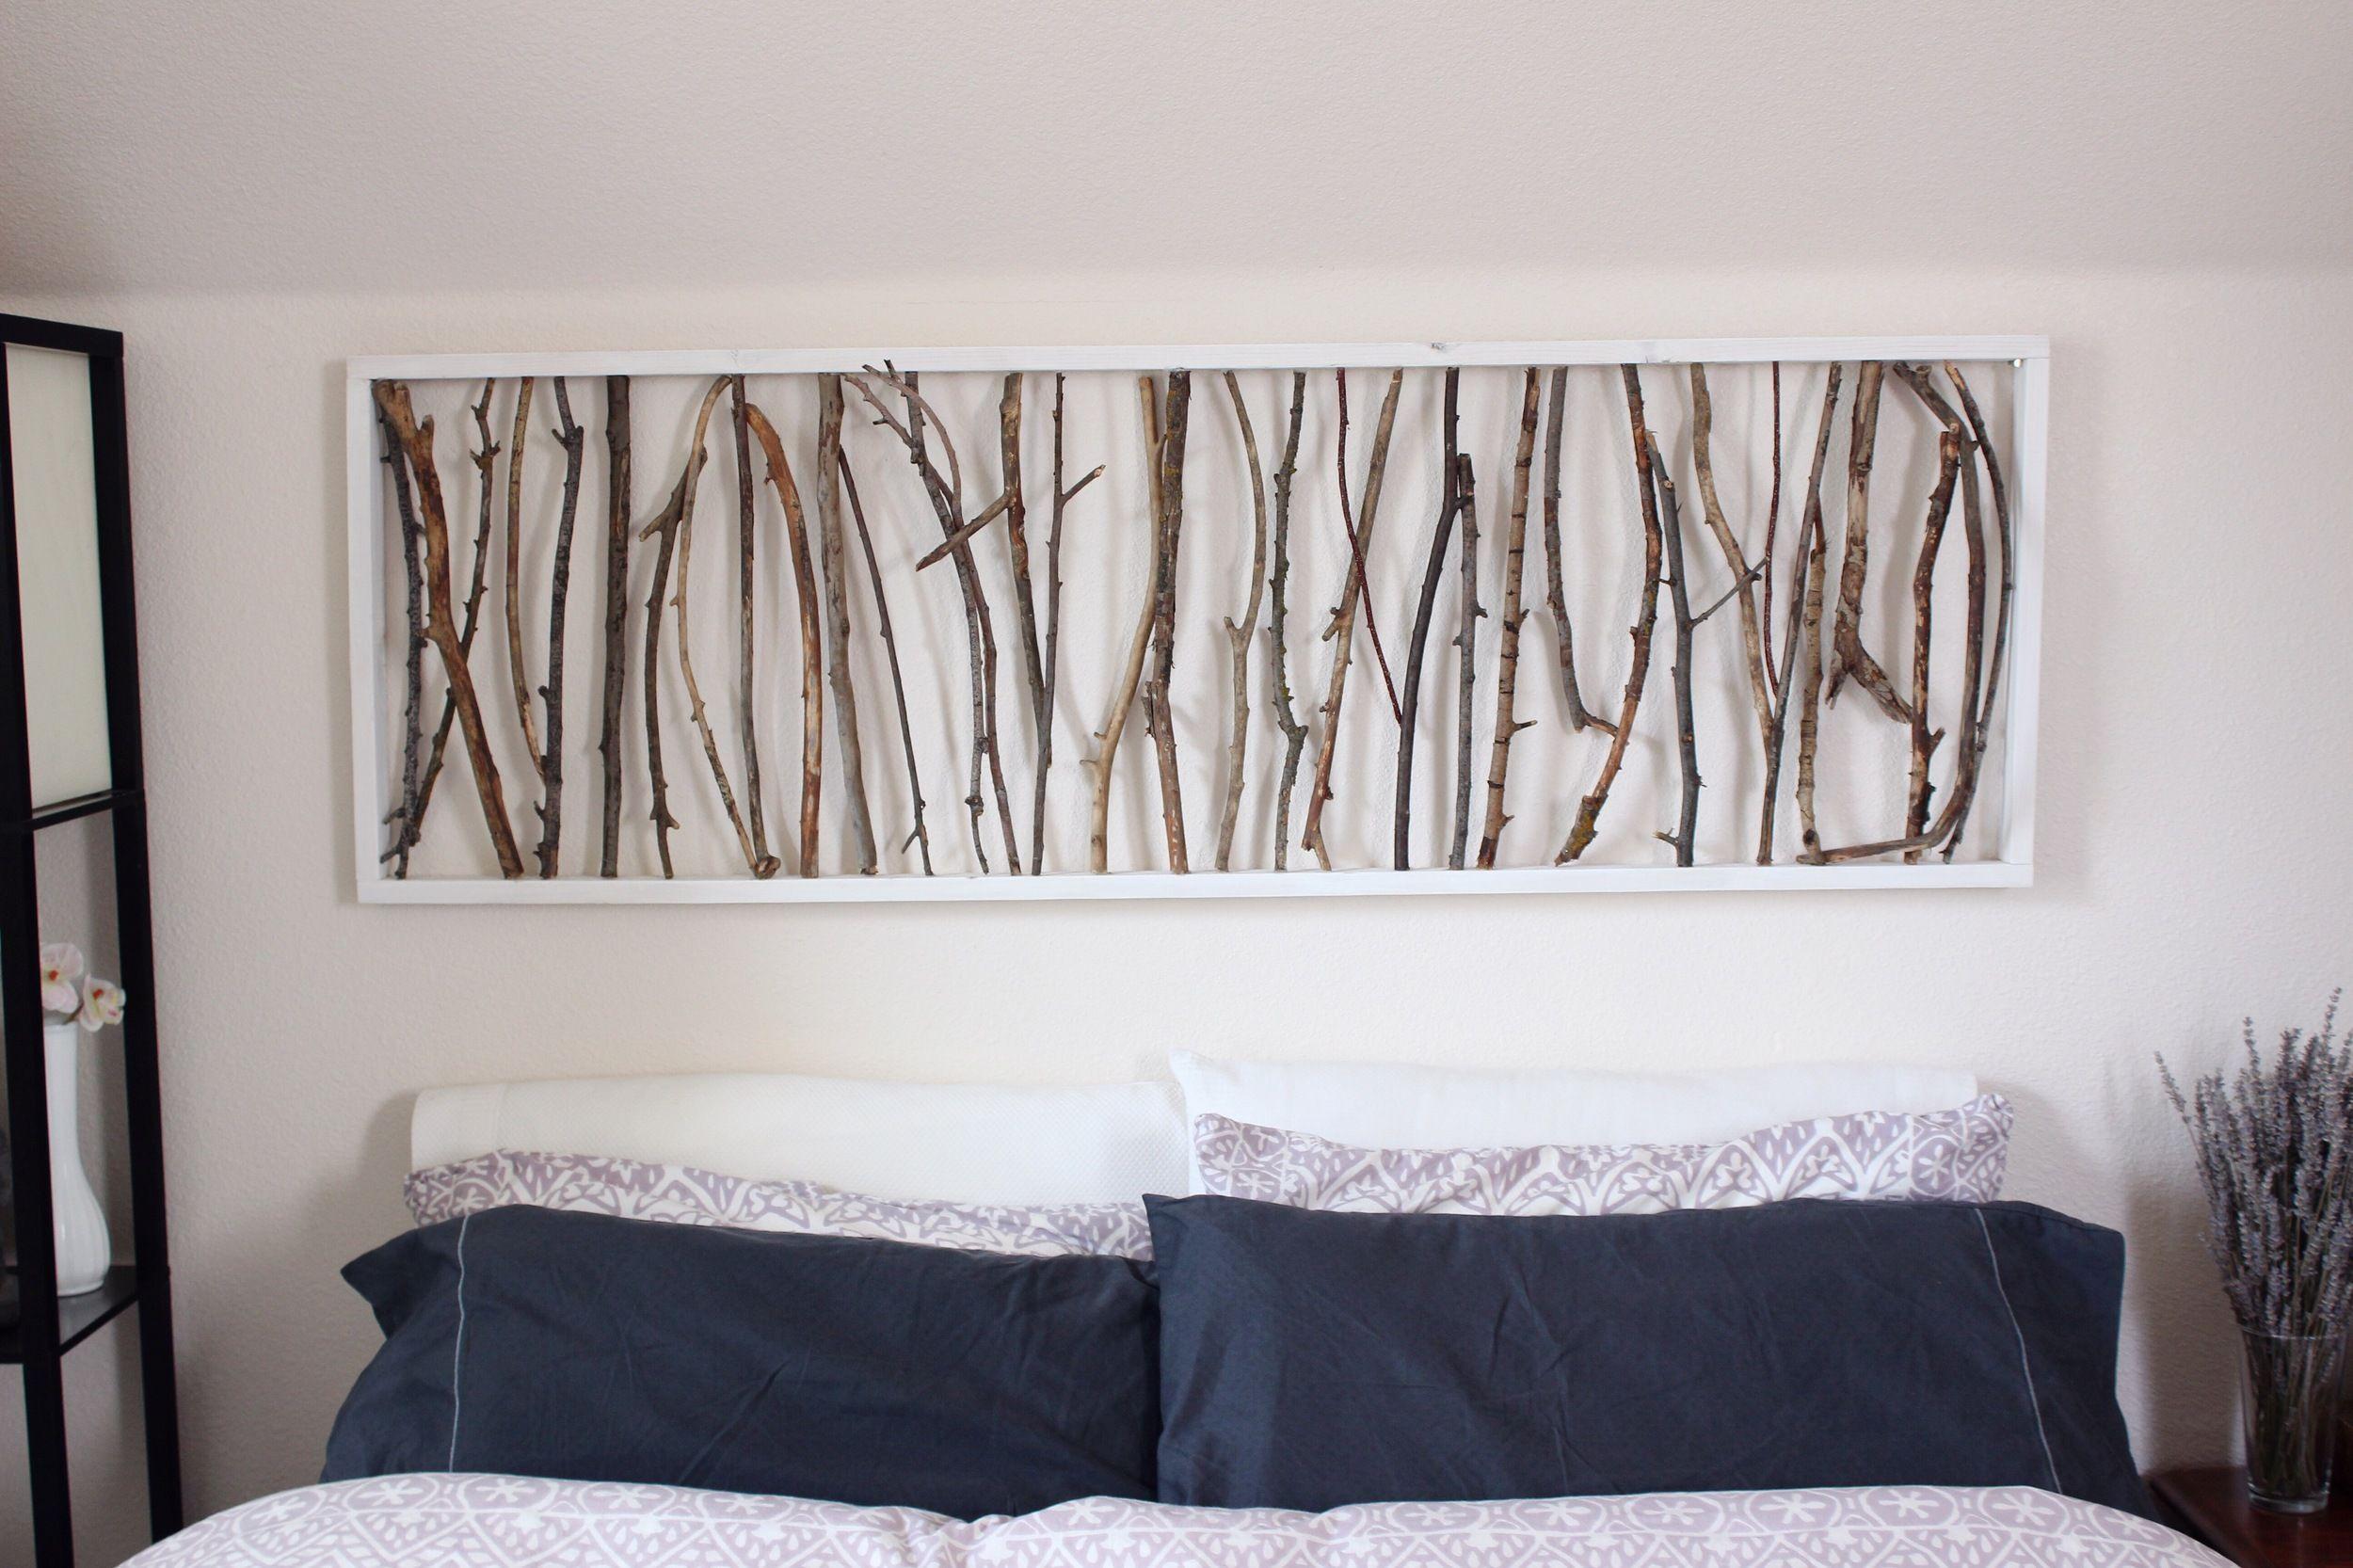 Diy Branch Art Headboard Emorie Kidder Homemade Wall Art